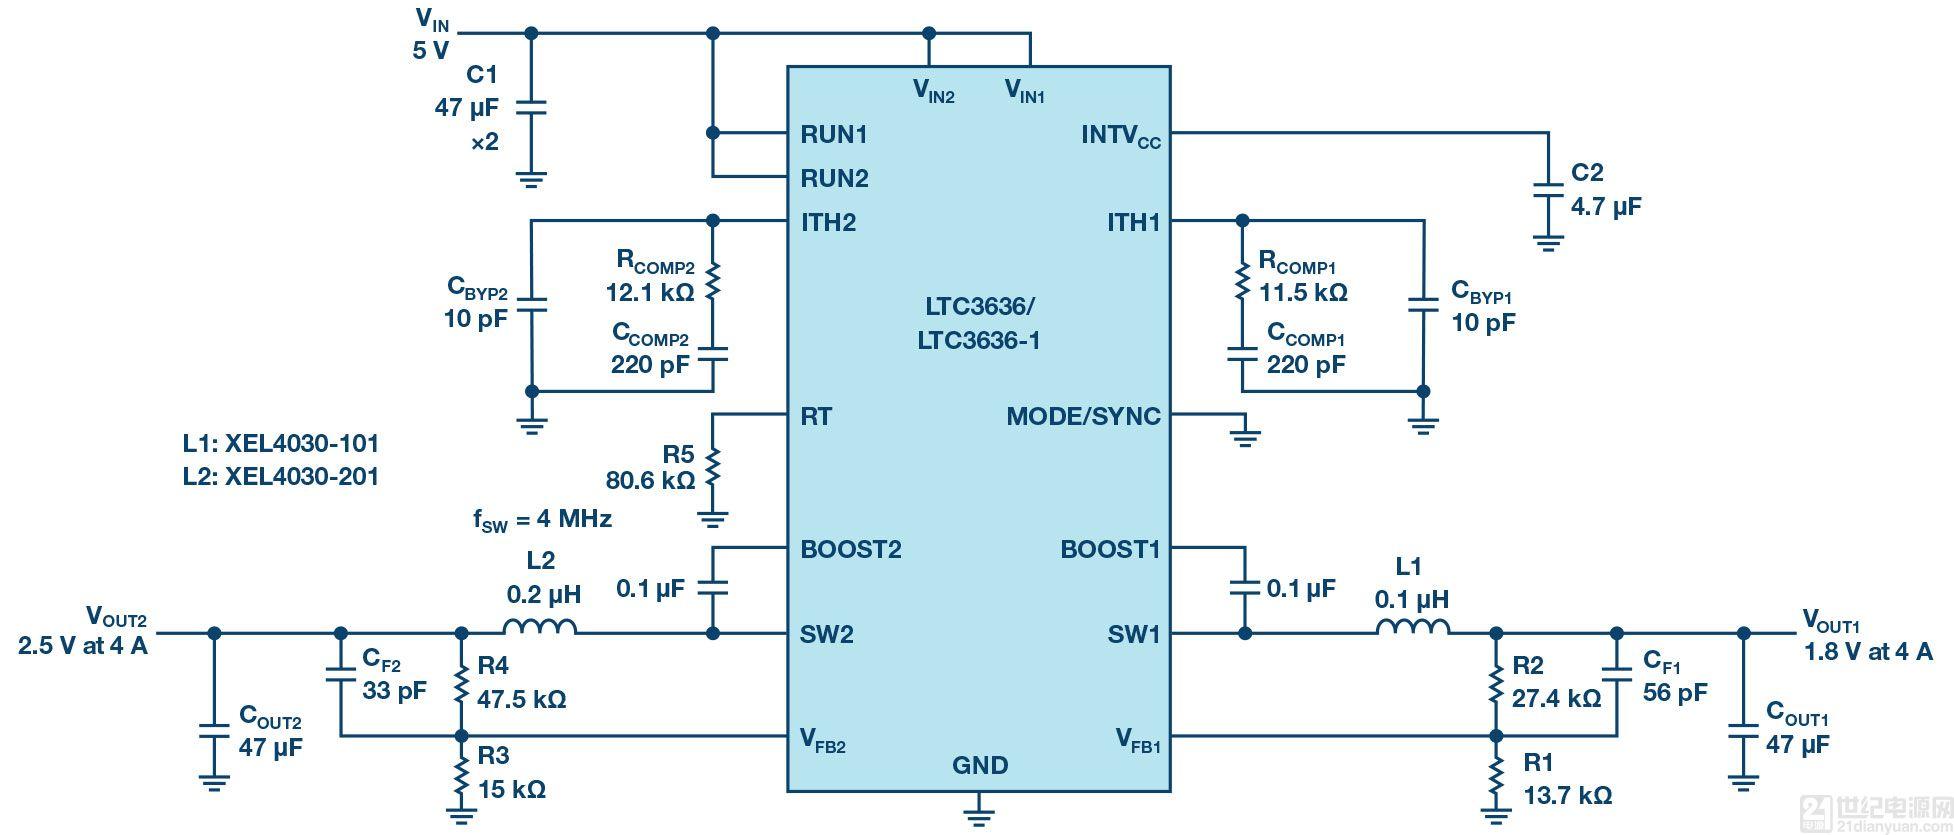 雙通道、6 A 降壓穩壓器提供高效緊湊的解決方案